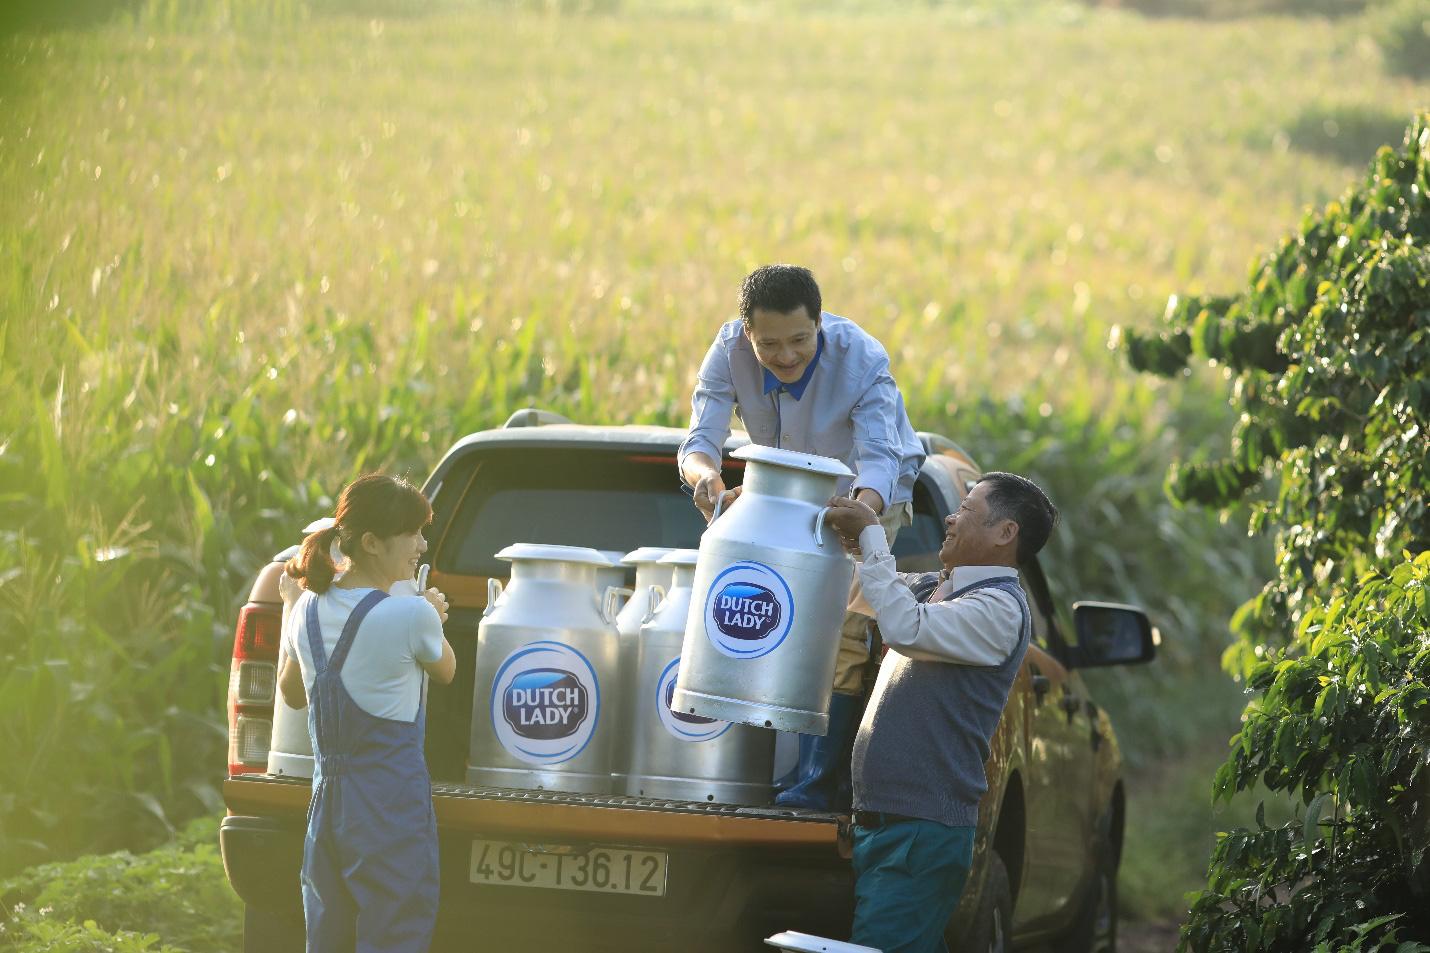 Theo chân nhiếp ảnh gia nổi tiếng: Bất ngờ trước nỗ lực sản xuất dòng sữa chuẩn Hà Lan của nhiều thế hệ nông dân Việt - Ảnh 6.